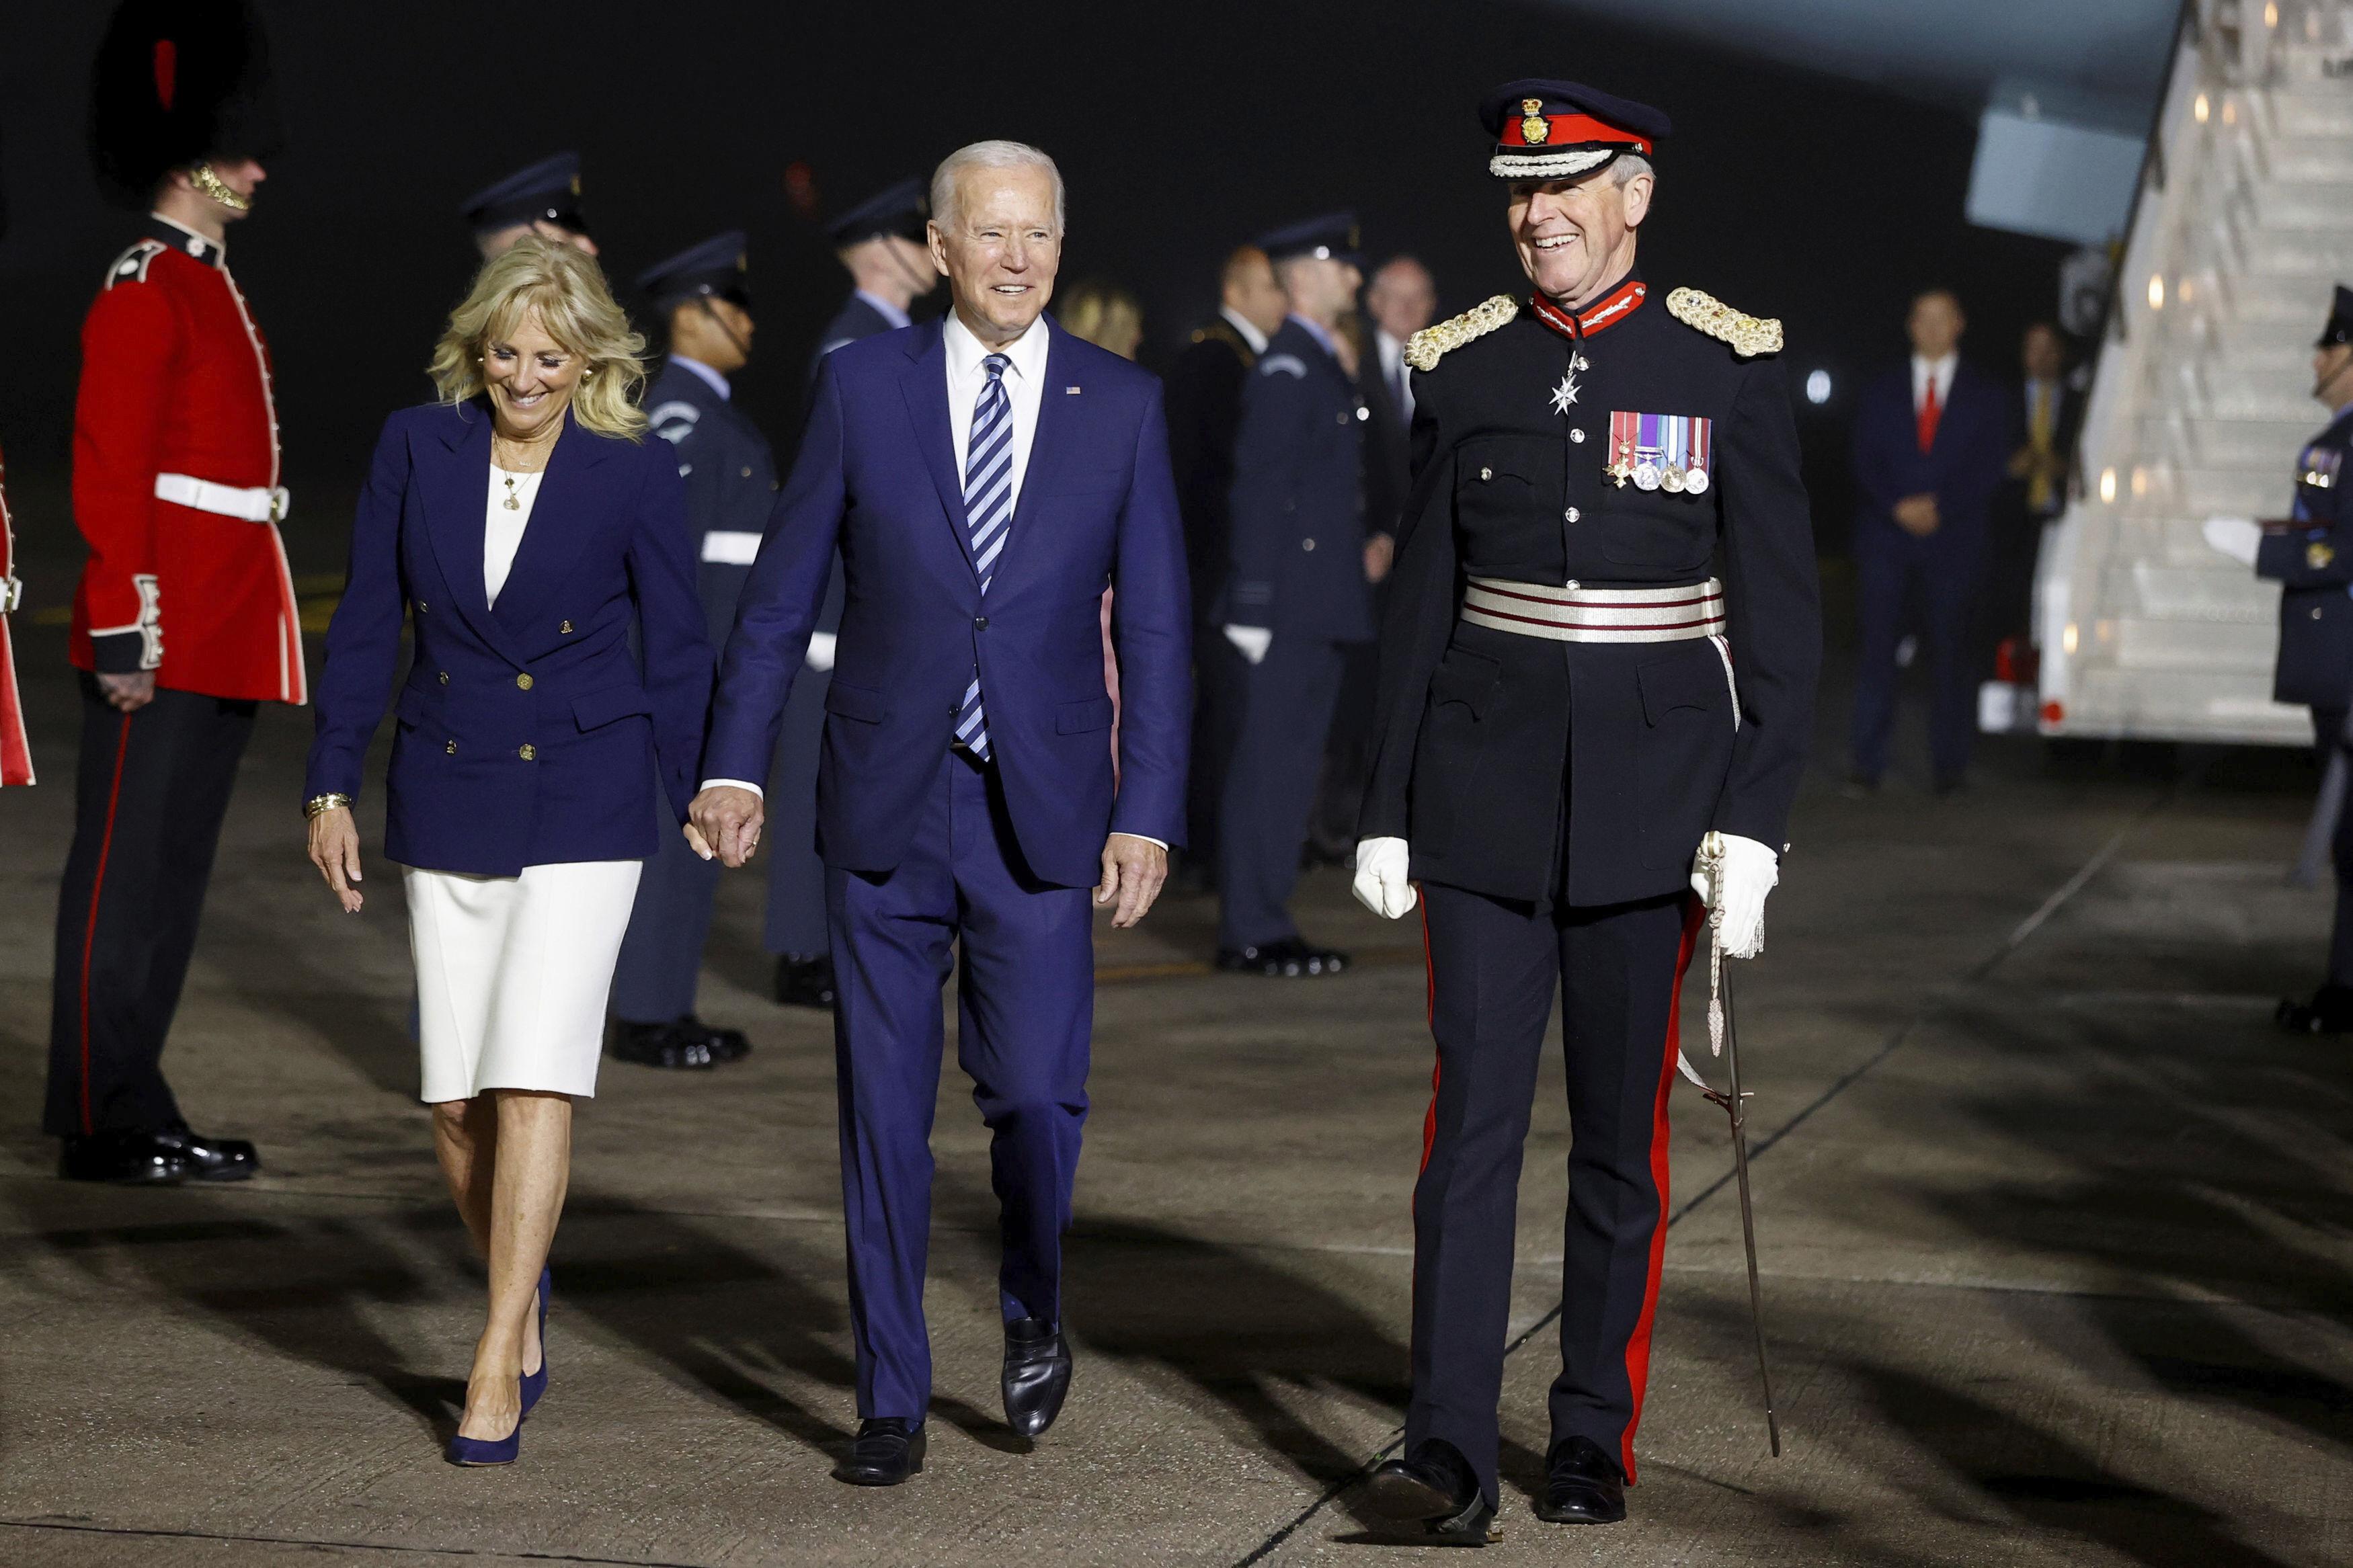 جو بایدن ، رئیس جمهور آمریكا و جیل بایدن ، بانوی اول ، هنگام ورود به نیروی هوایی یك در فرودگاه نیوكوی كورنوال ، نزدیك نیوكوی ، انگلیس ، قبل از اجلاس G7 در كورنوال ، اوایل پنجشنبه ، ژوئن ، توسط سرهنگ ادوارد بولیثو ، ستوان لرد كرنوال همراه می شوند. 10 ، 2021. (فیل نوبل / عکس استخر از طریق AP)